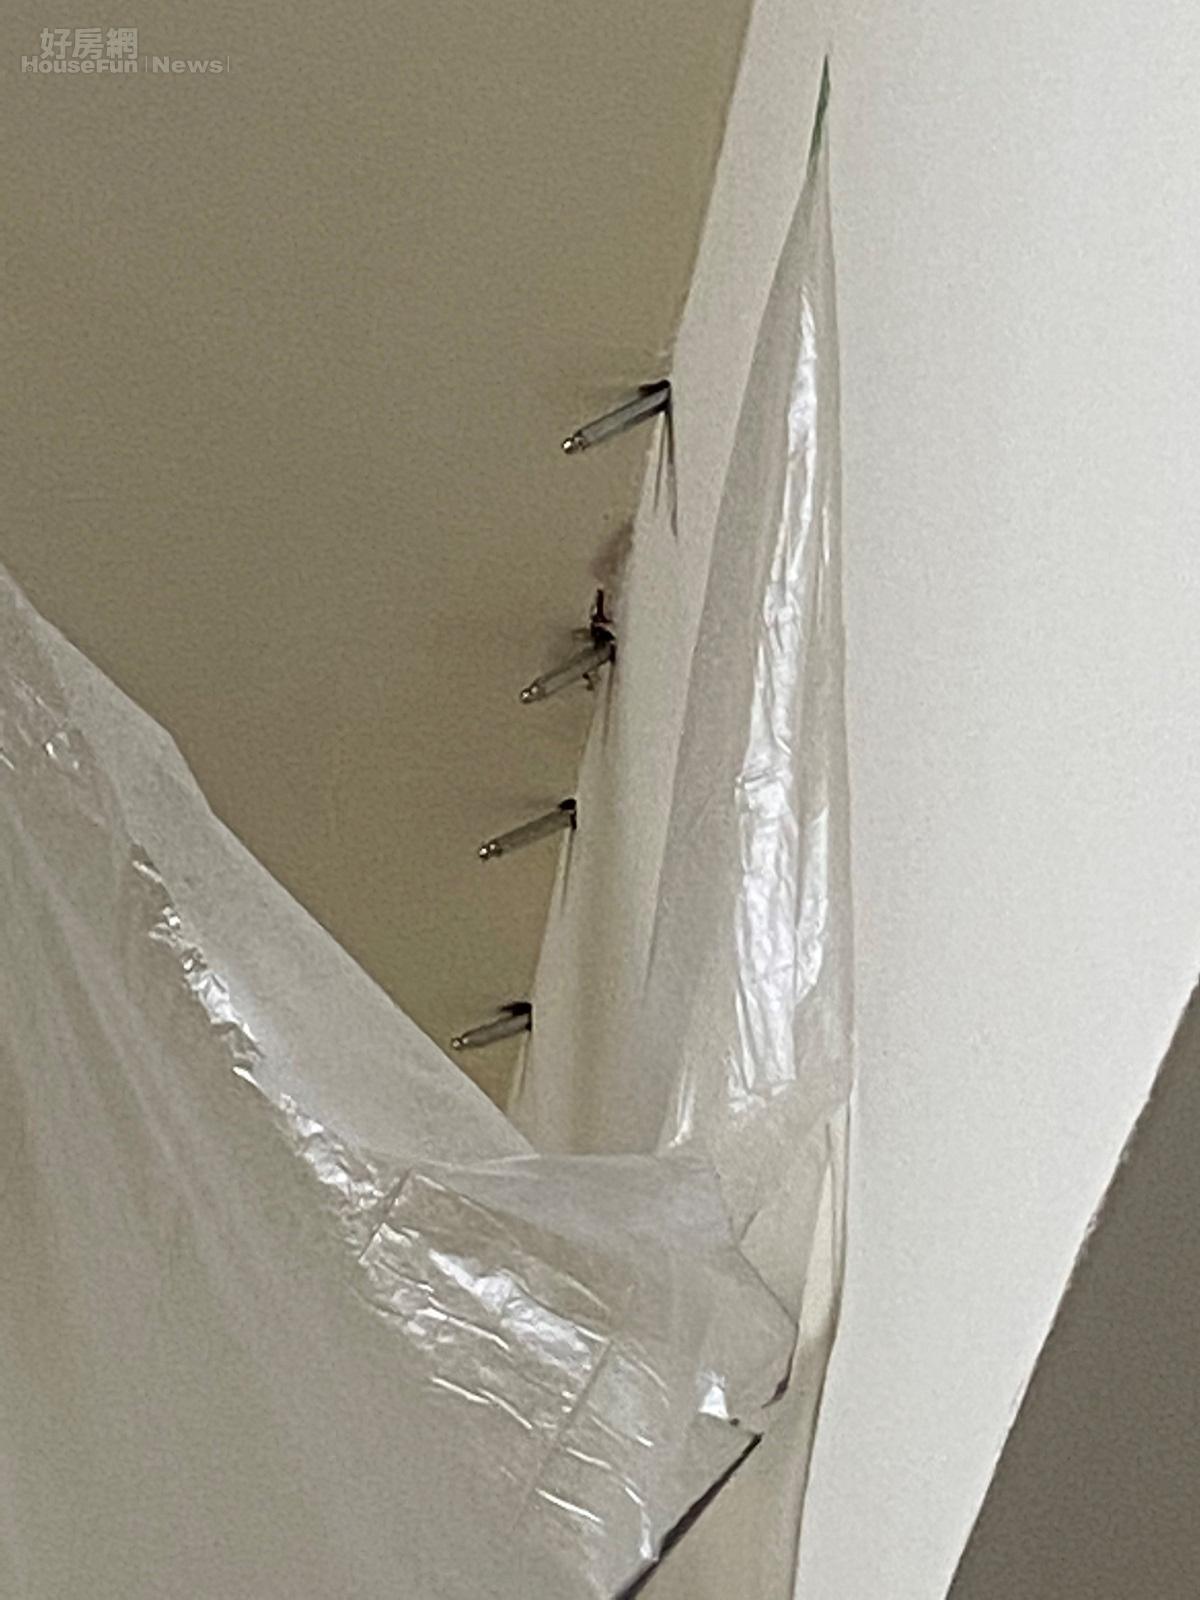 頂樓的房子容易漏水,目前多採「打針」(高壓灌注藥劑)的方法處理。好房網News記者楊欽亮 / 攝